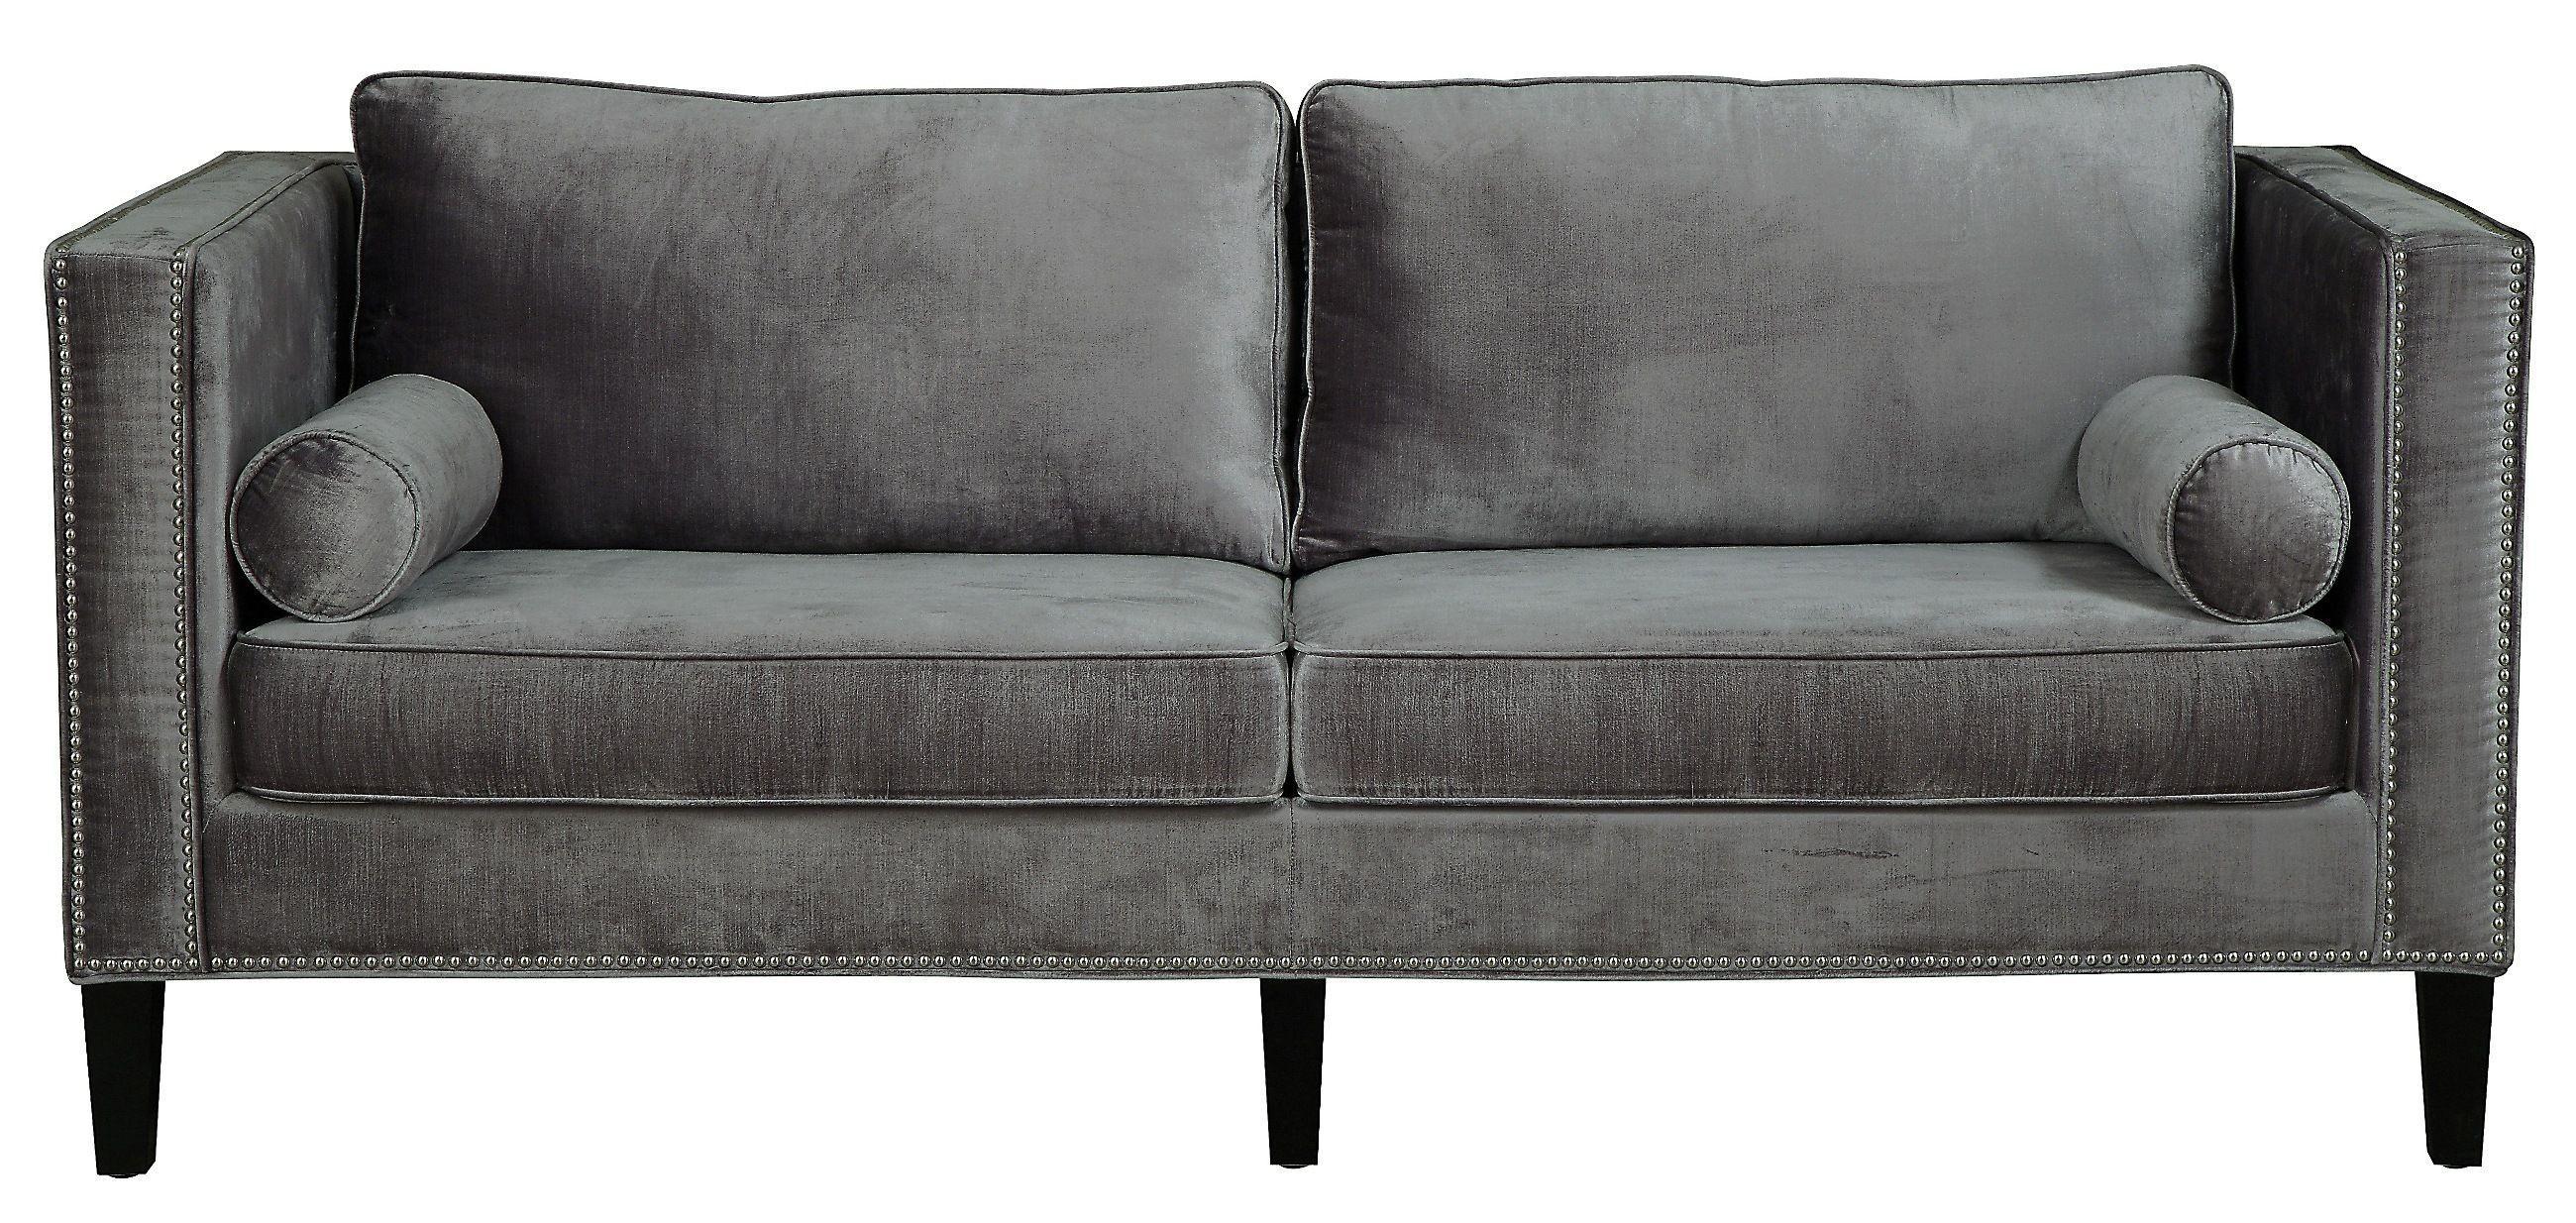 Furniture: Best Quality Grey Velvet Sofa For Your Living Room Pertaining To Black Velvet Sofas (Image 6 of 20)